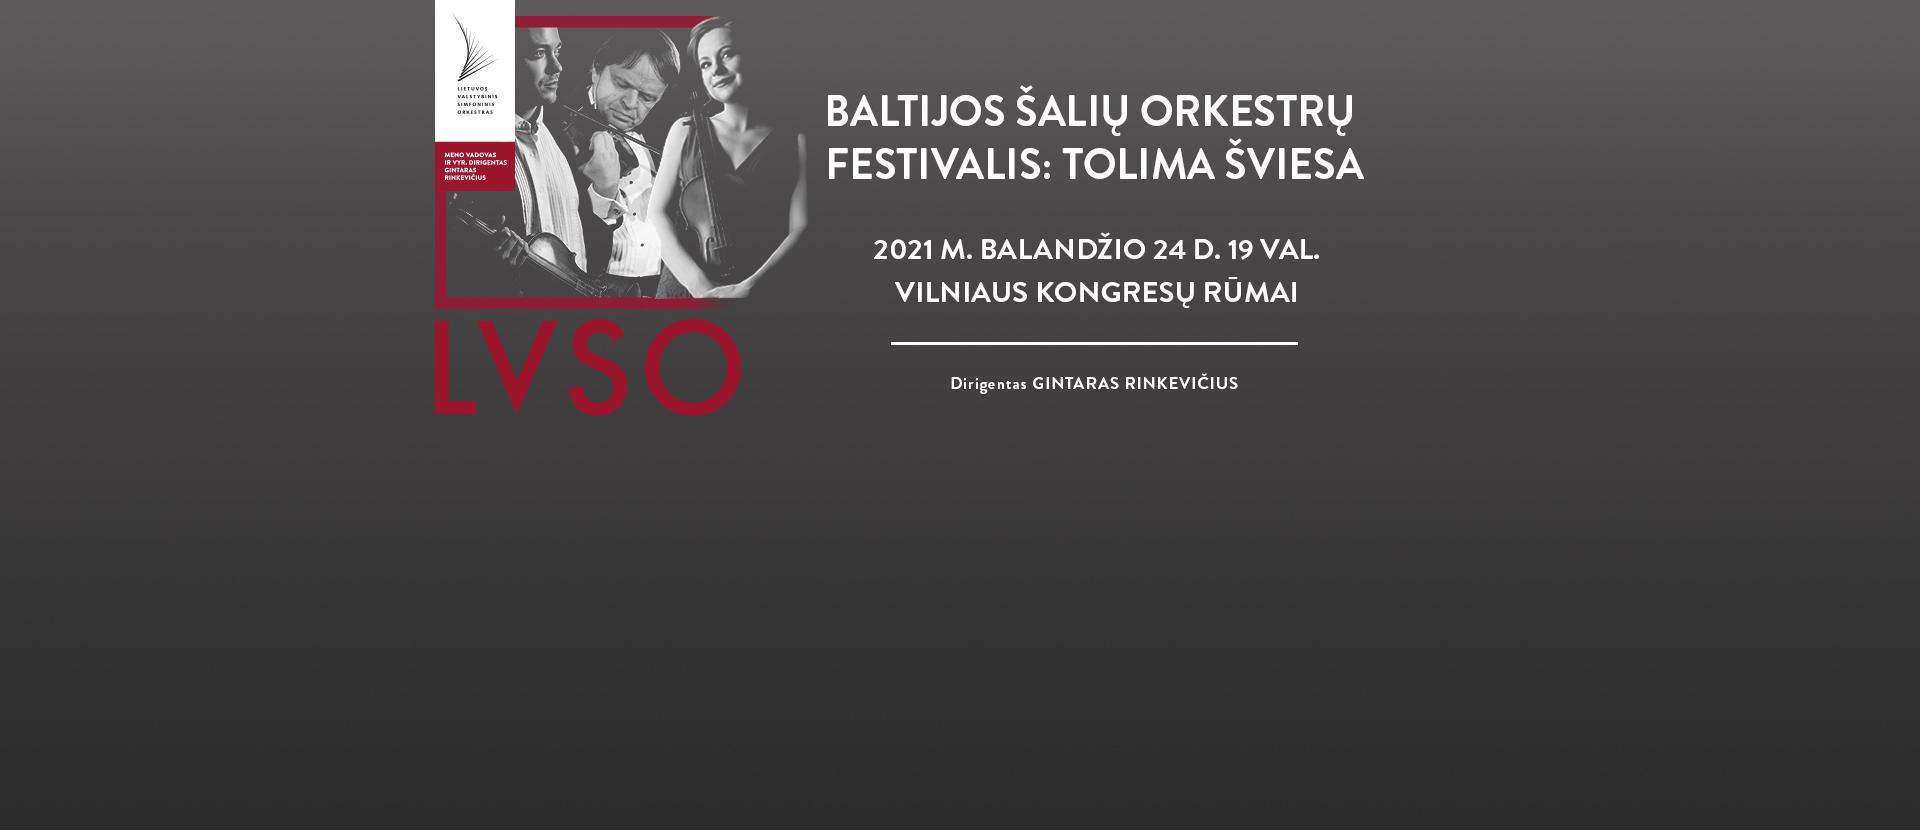 BALTIJOS ŠALIŲ ORKESTRŲ FESTIVALIS: TOLIMA ŠVIESA